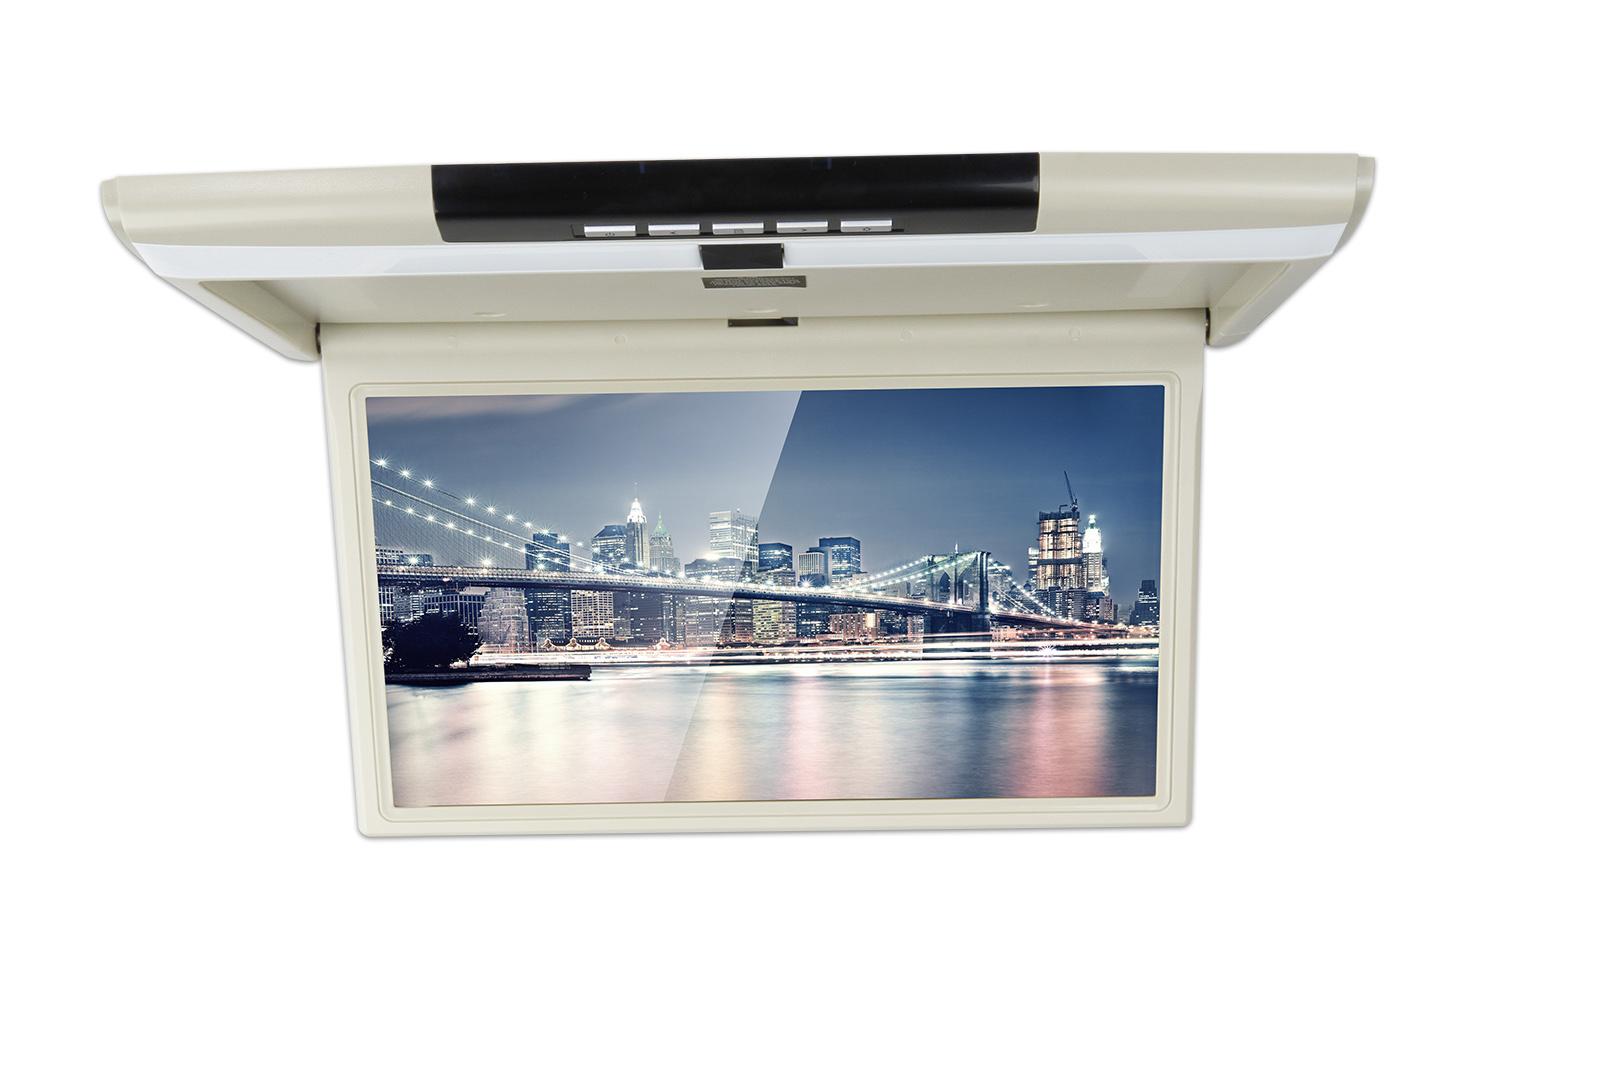 Автомобильный потолочный монитор 17.3 с медиаплеером FarCar-Z002 (серый)